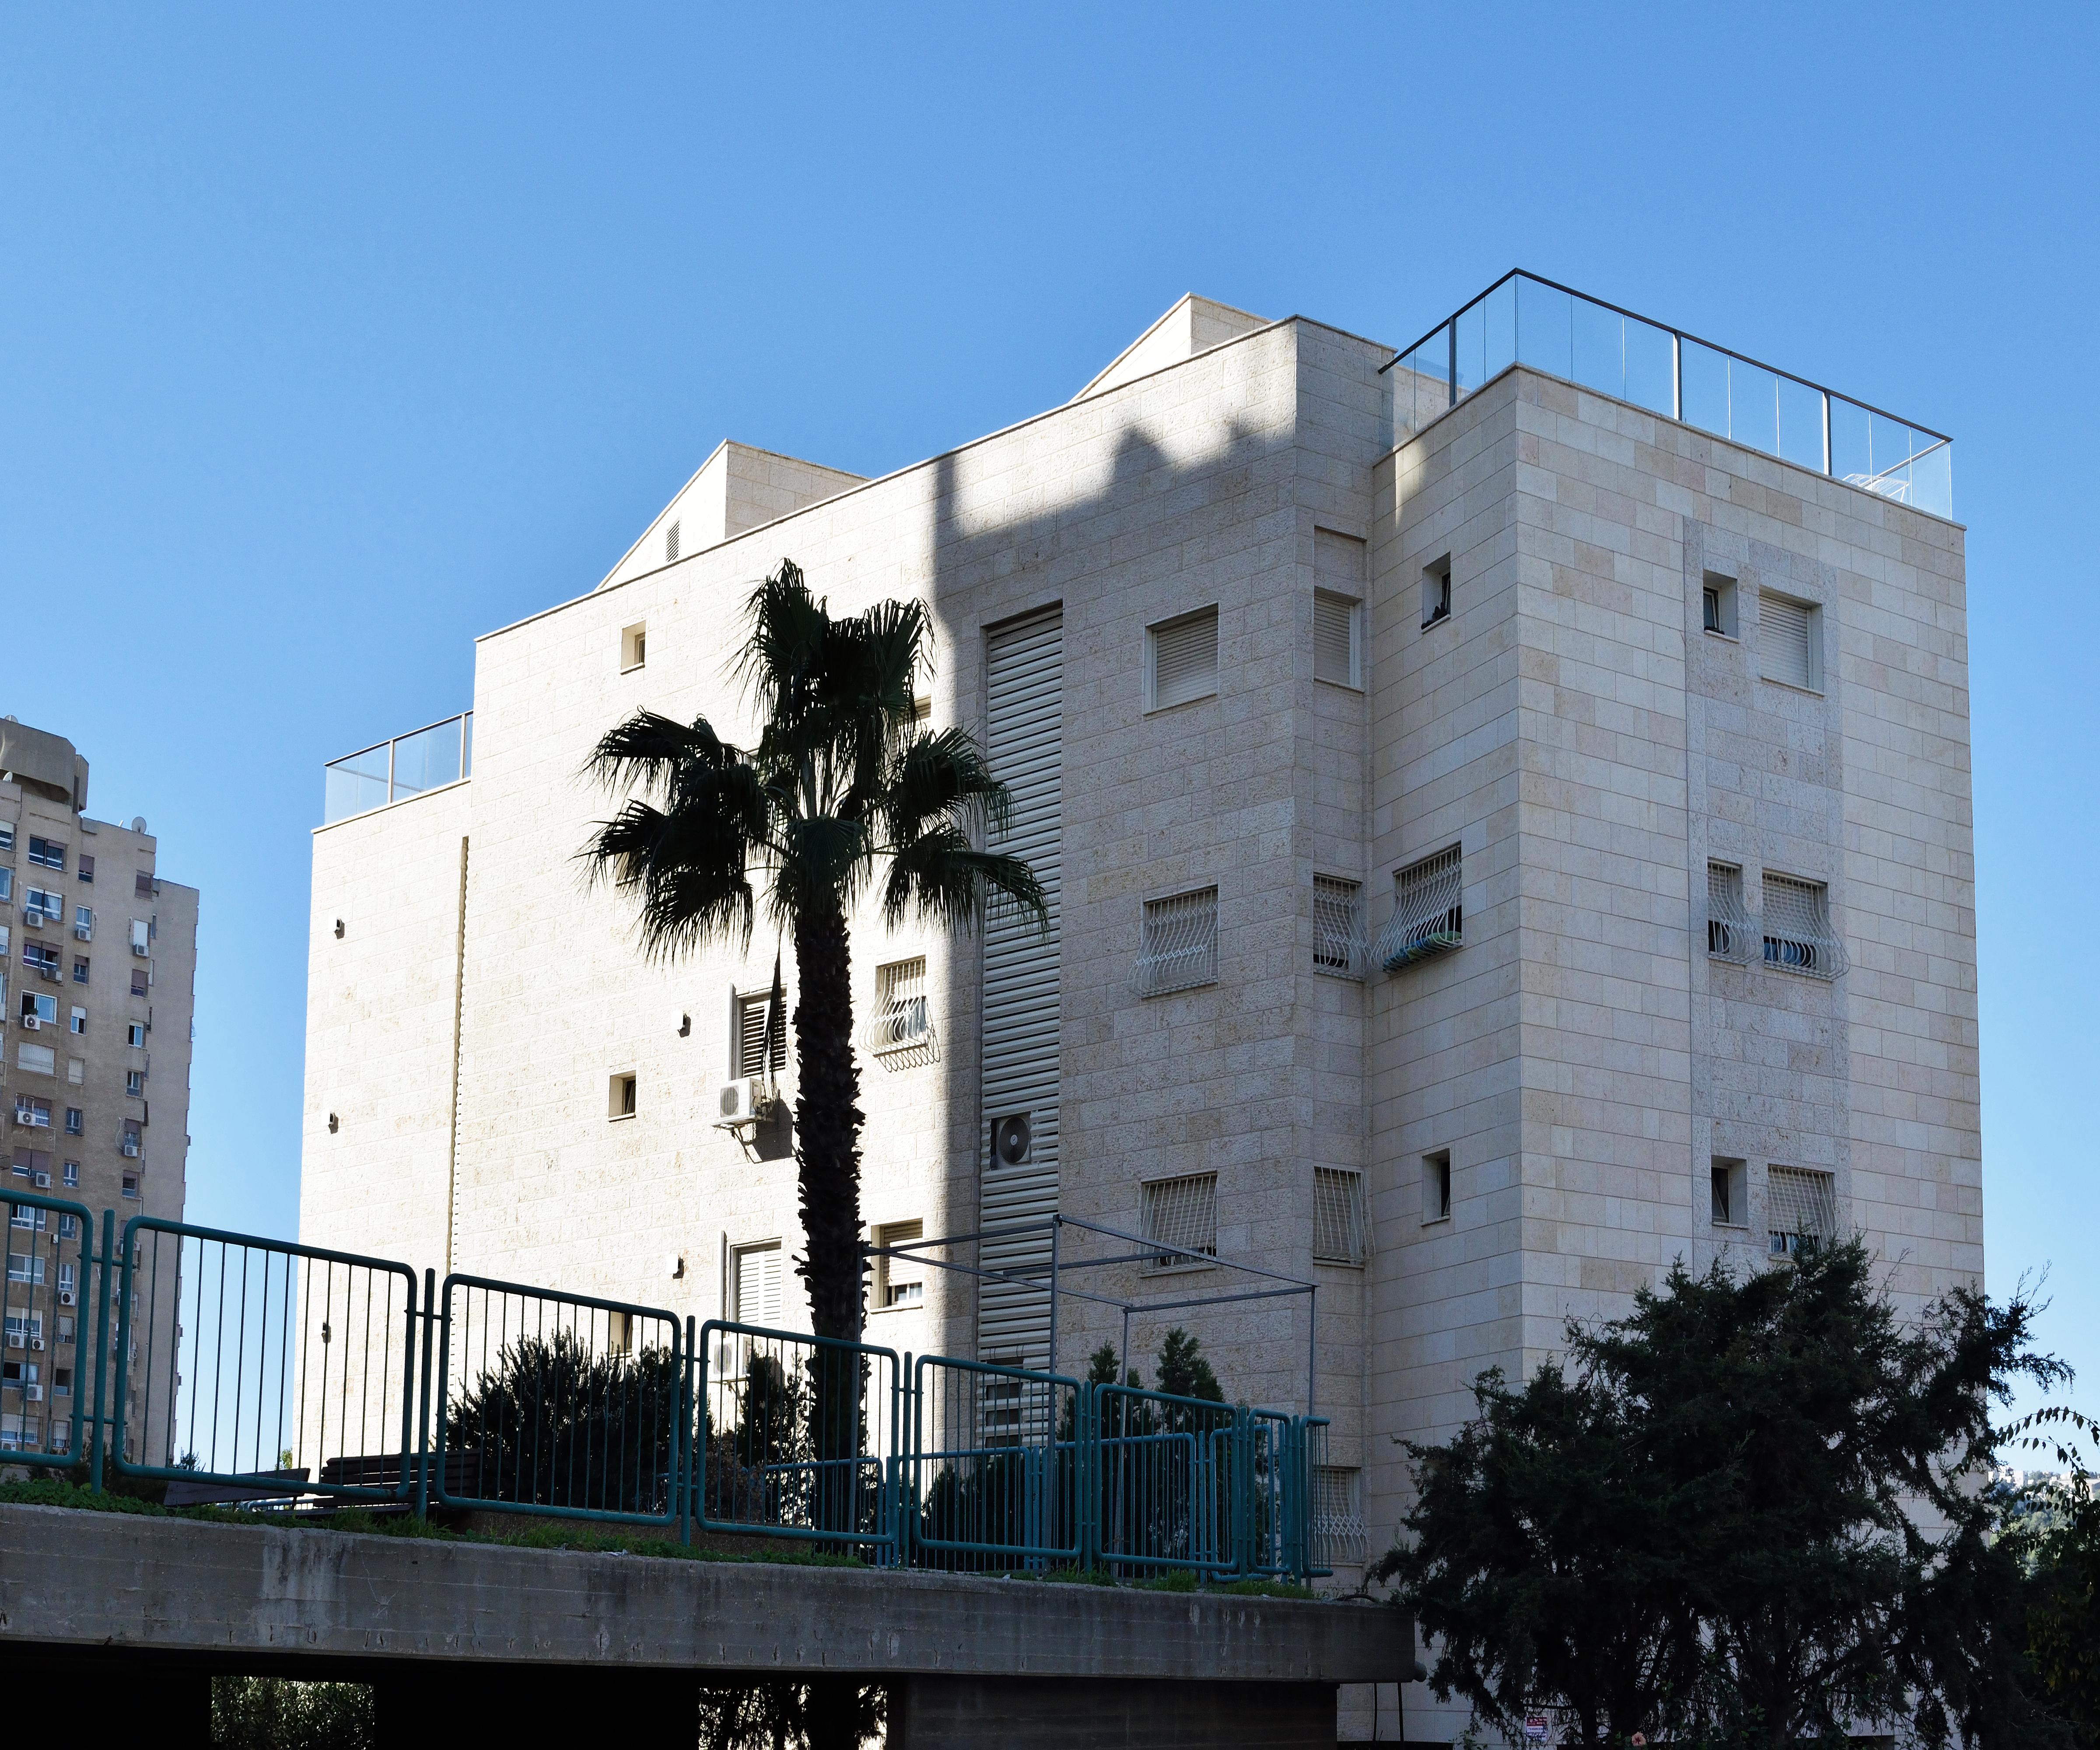 פרויקט טבנקין 19  חיפה | קבוצת אבי ר